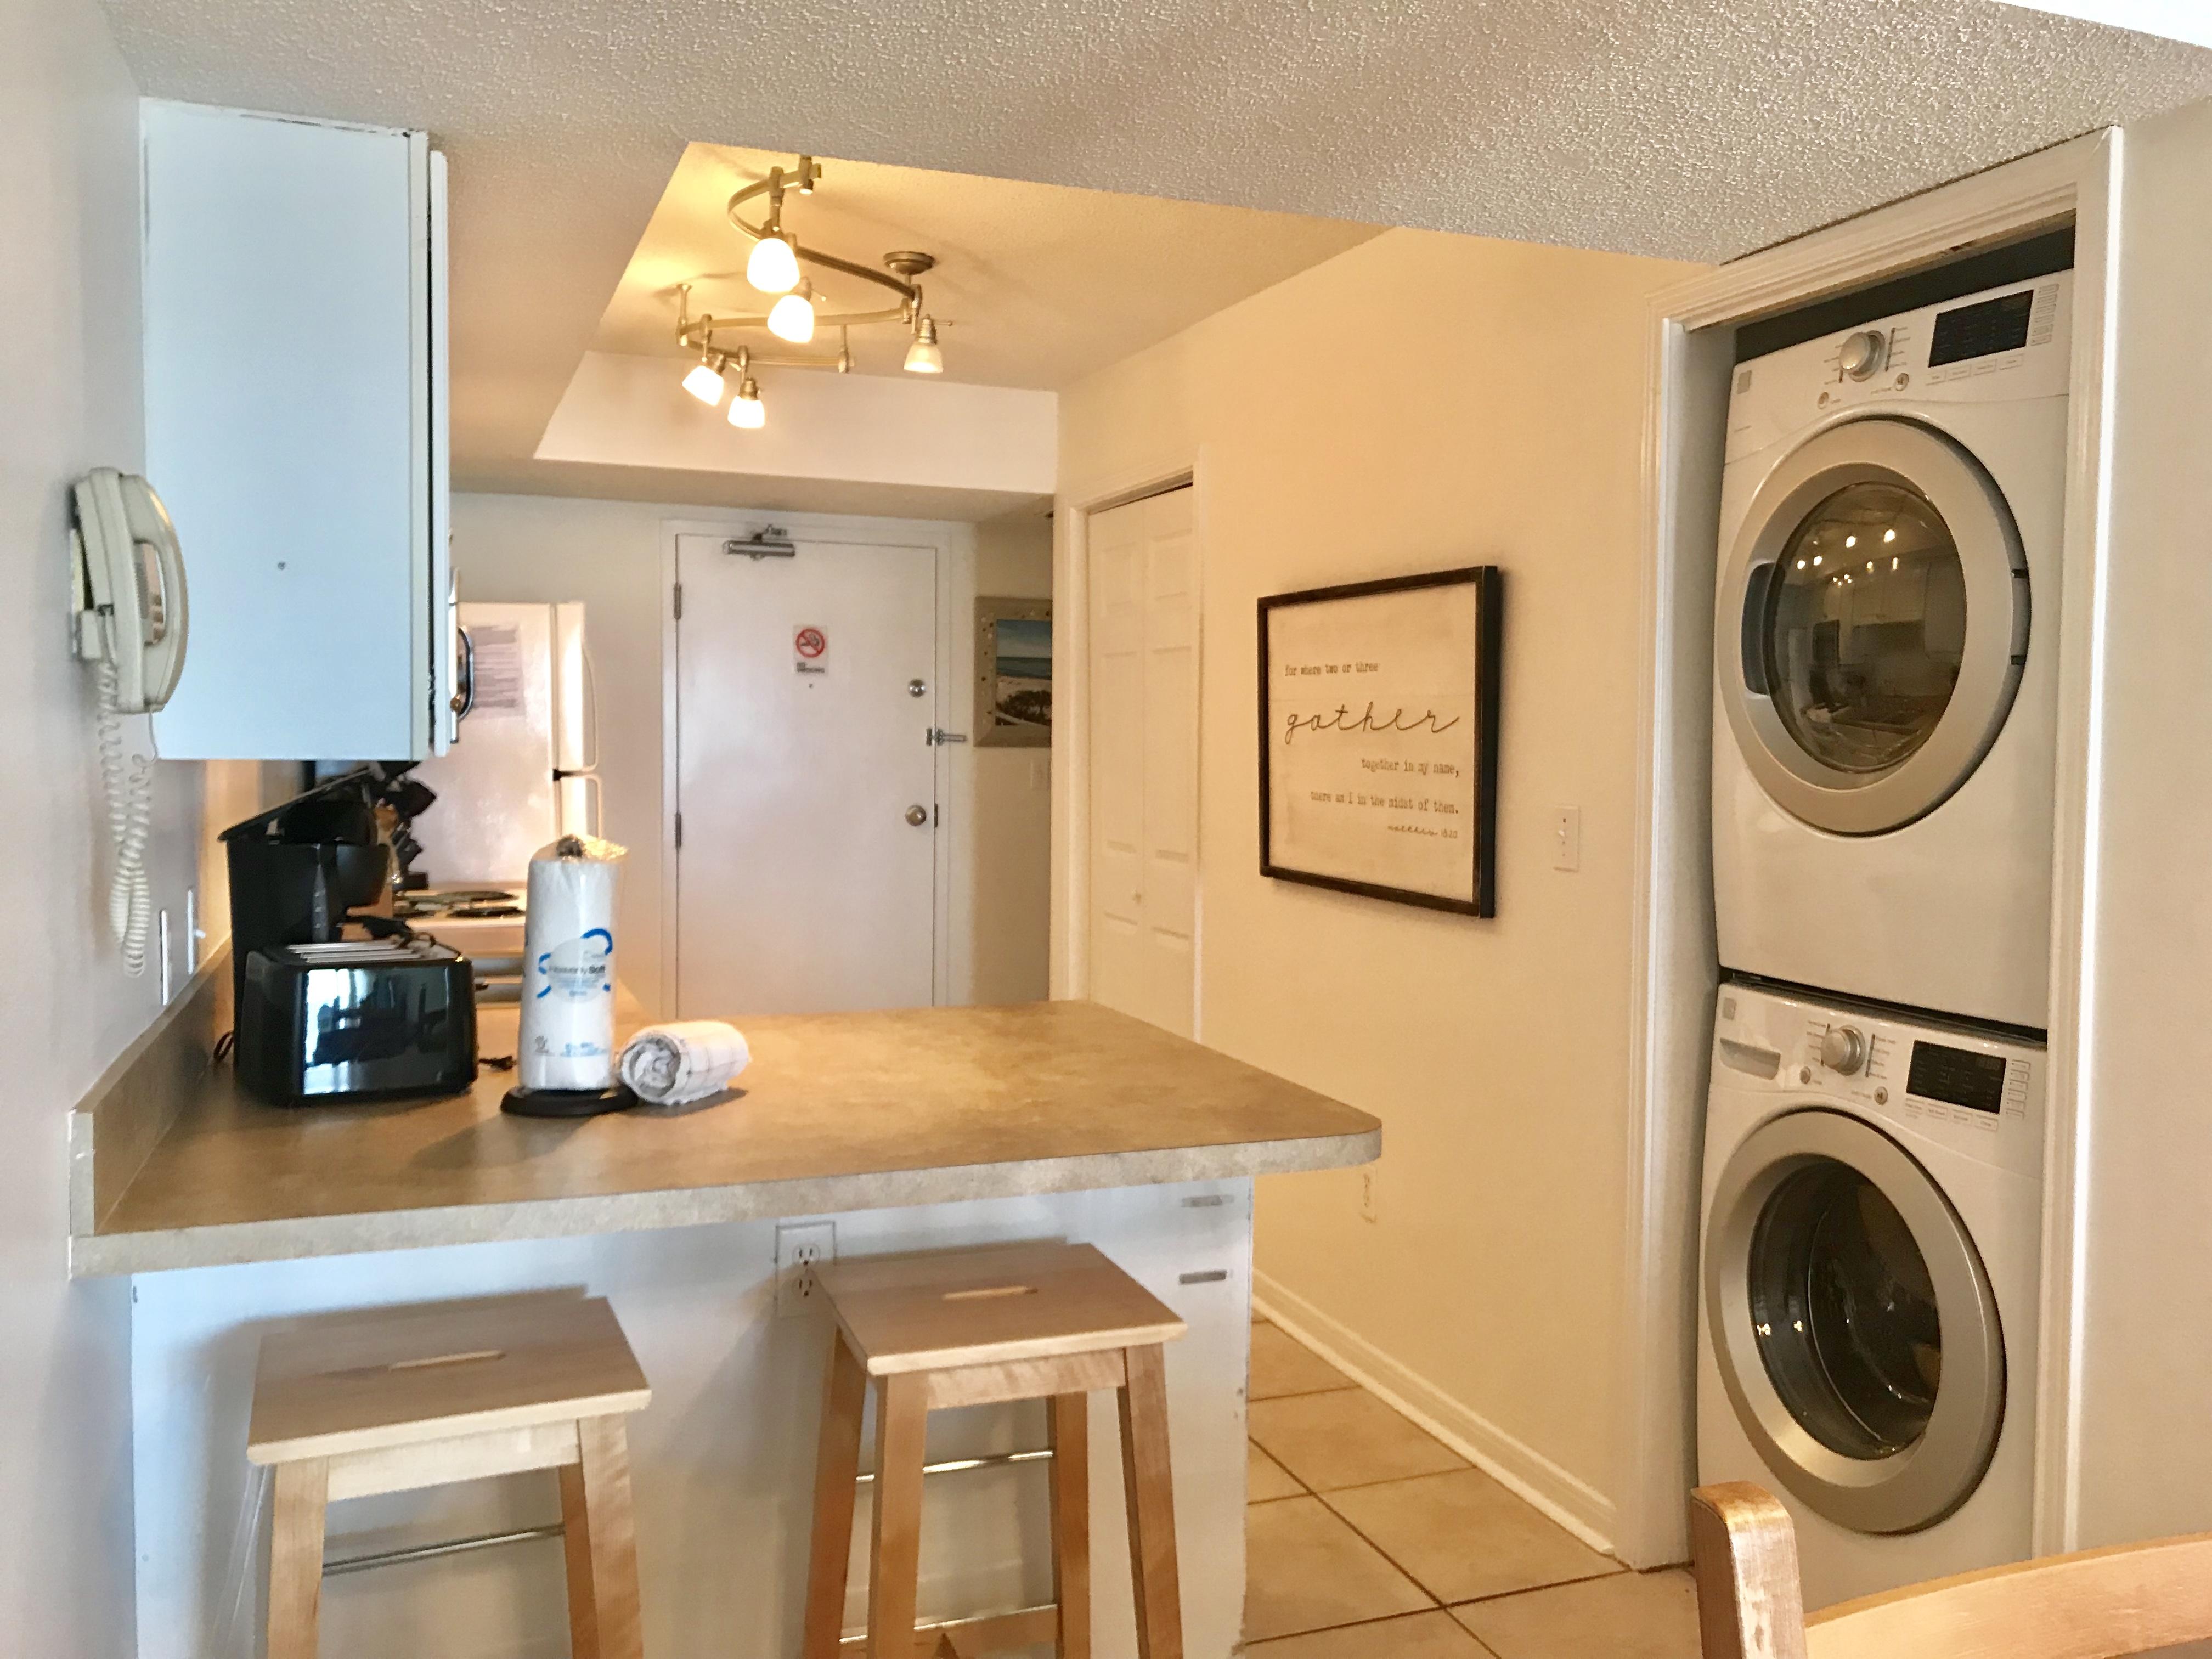 Ocean House 2403 Condo rental in Ocean House - Gulf Shores in Gulf Shores Alabama - #9